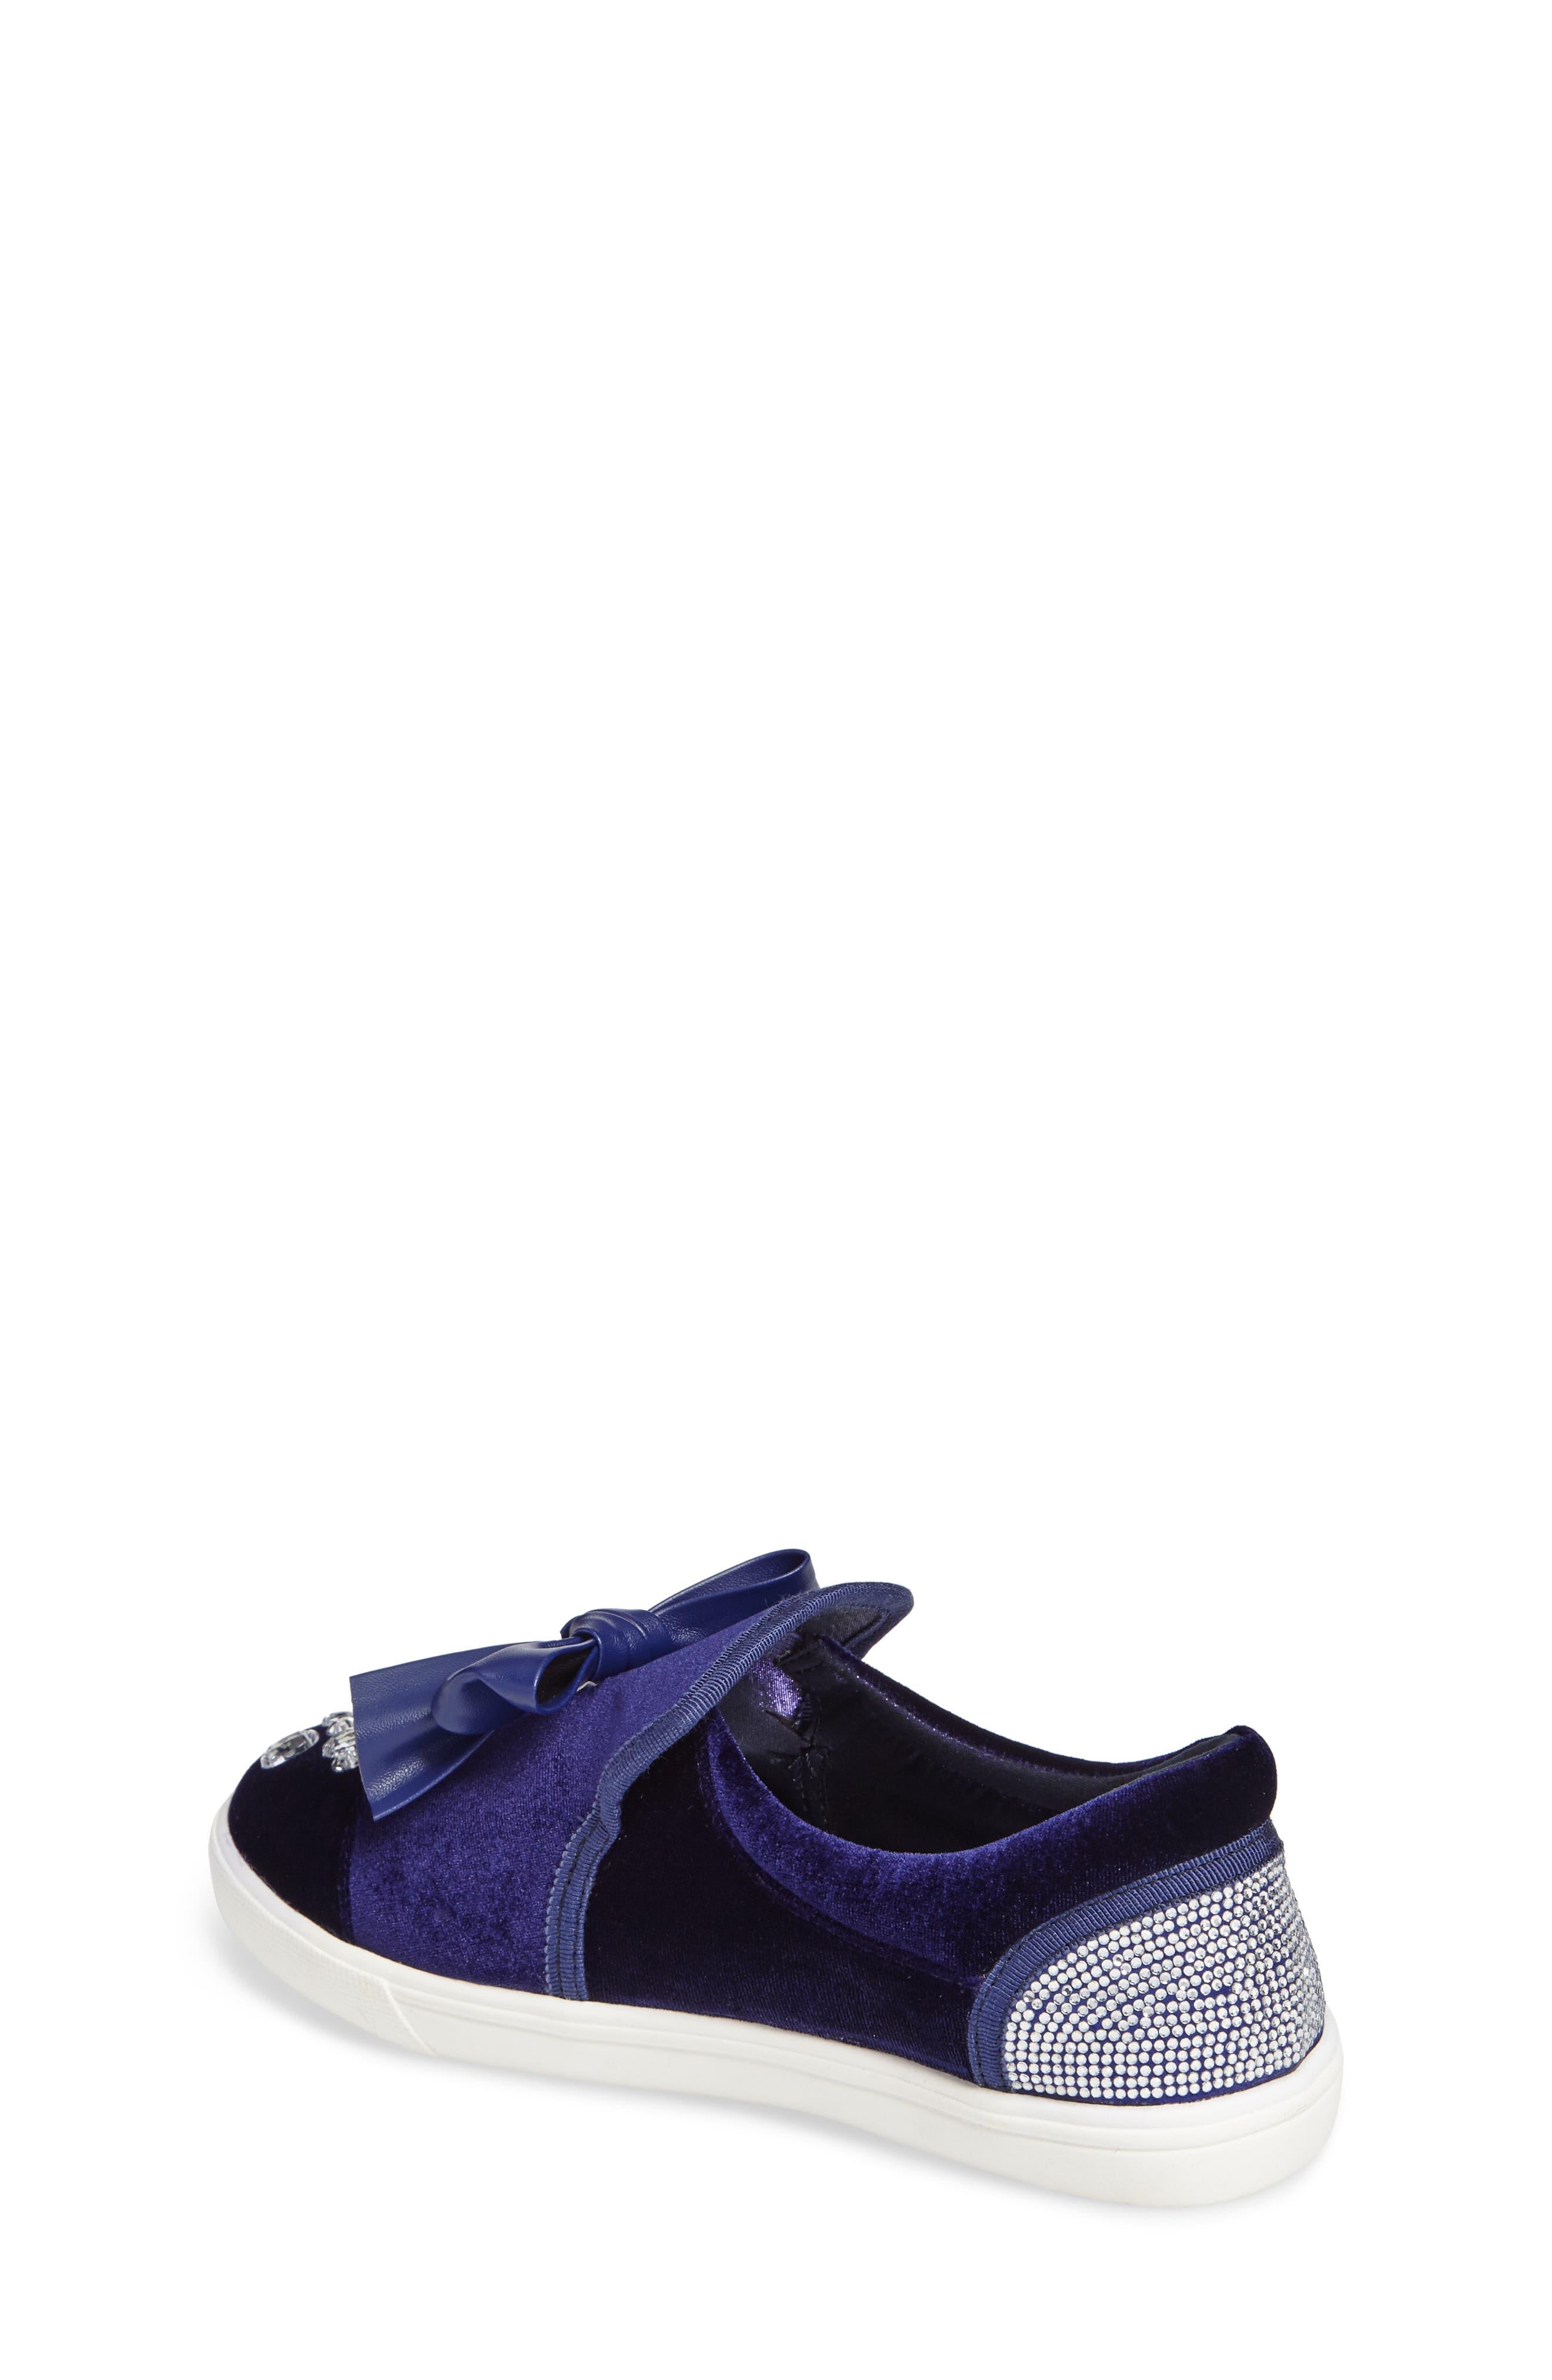 Alternate Image 2  - Badgley Mischka Delight Embellished Slip-On Sneaker (Toddler, Little Kid & Big Kid)